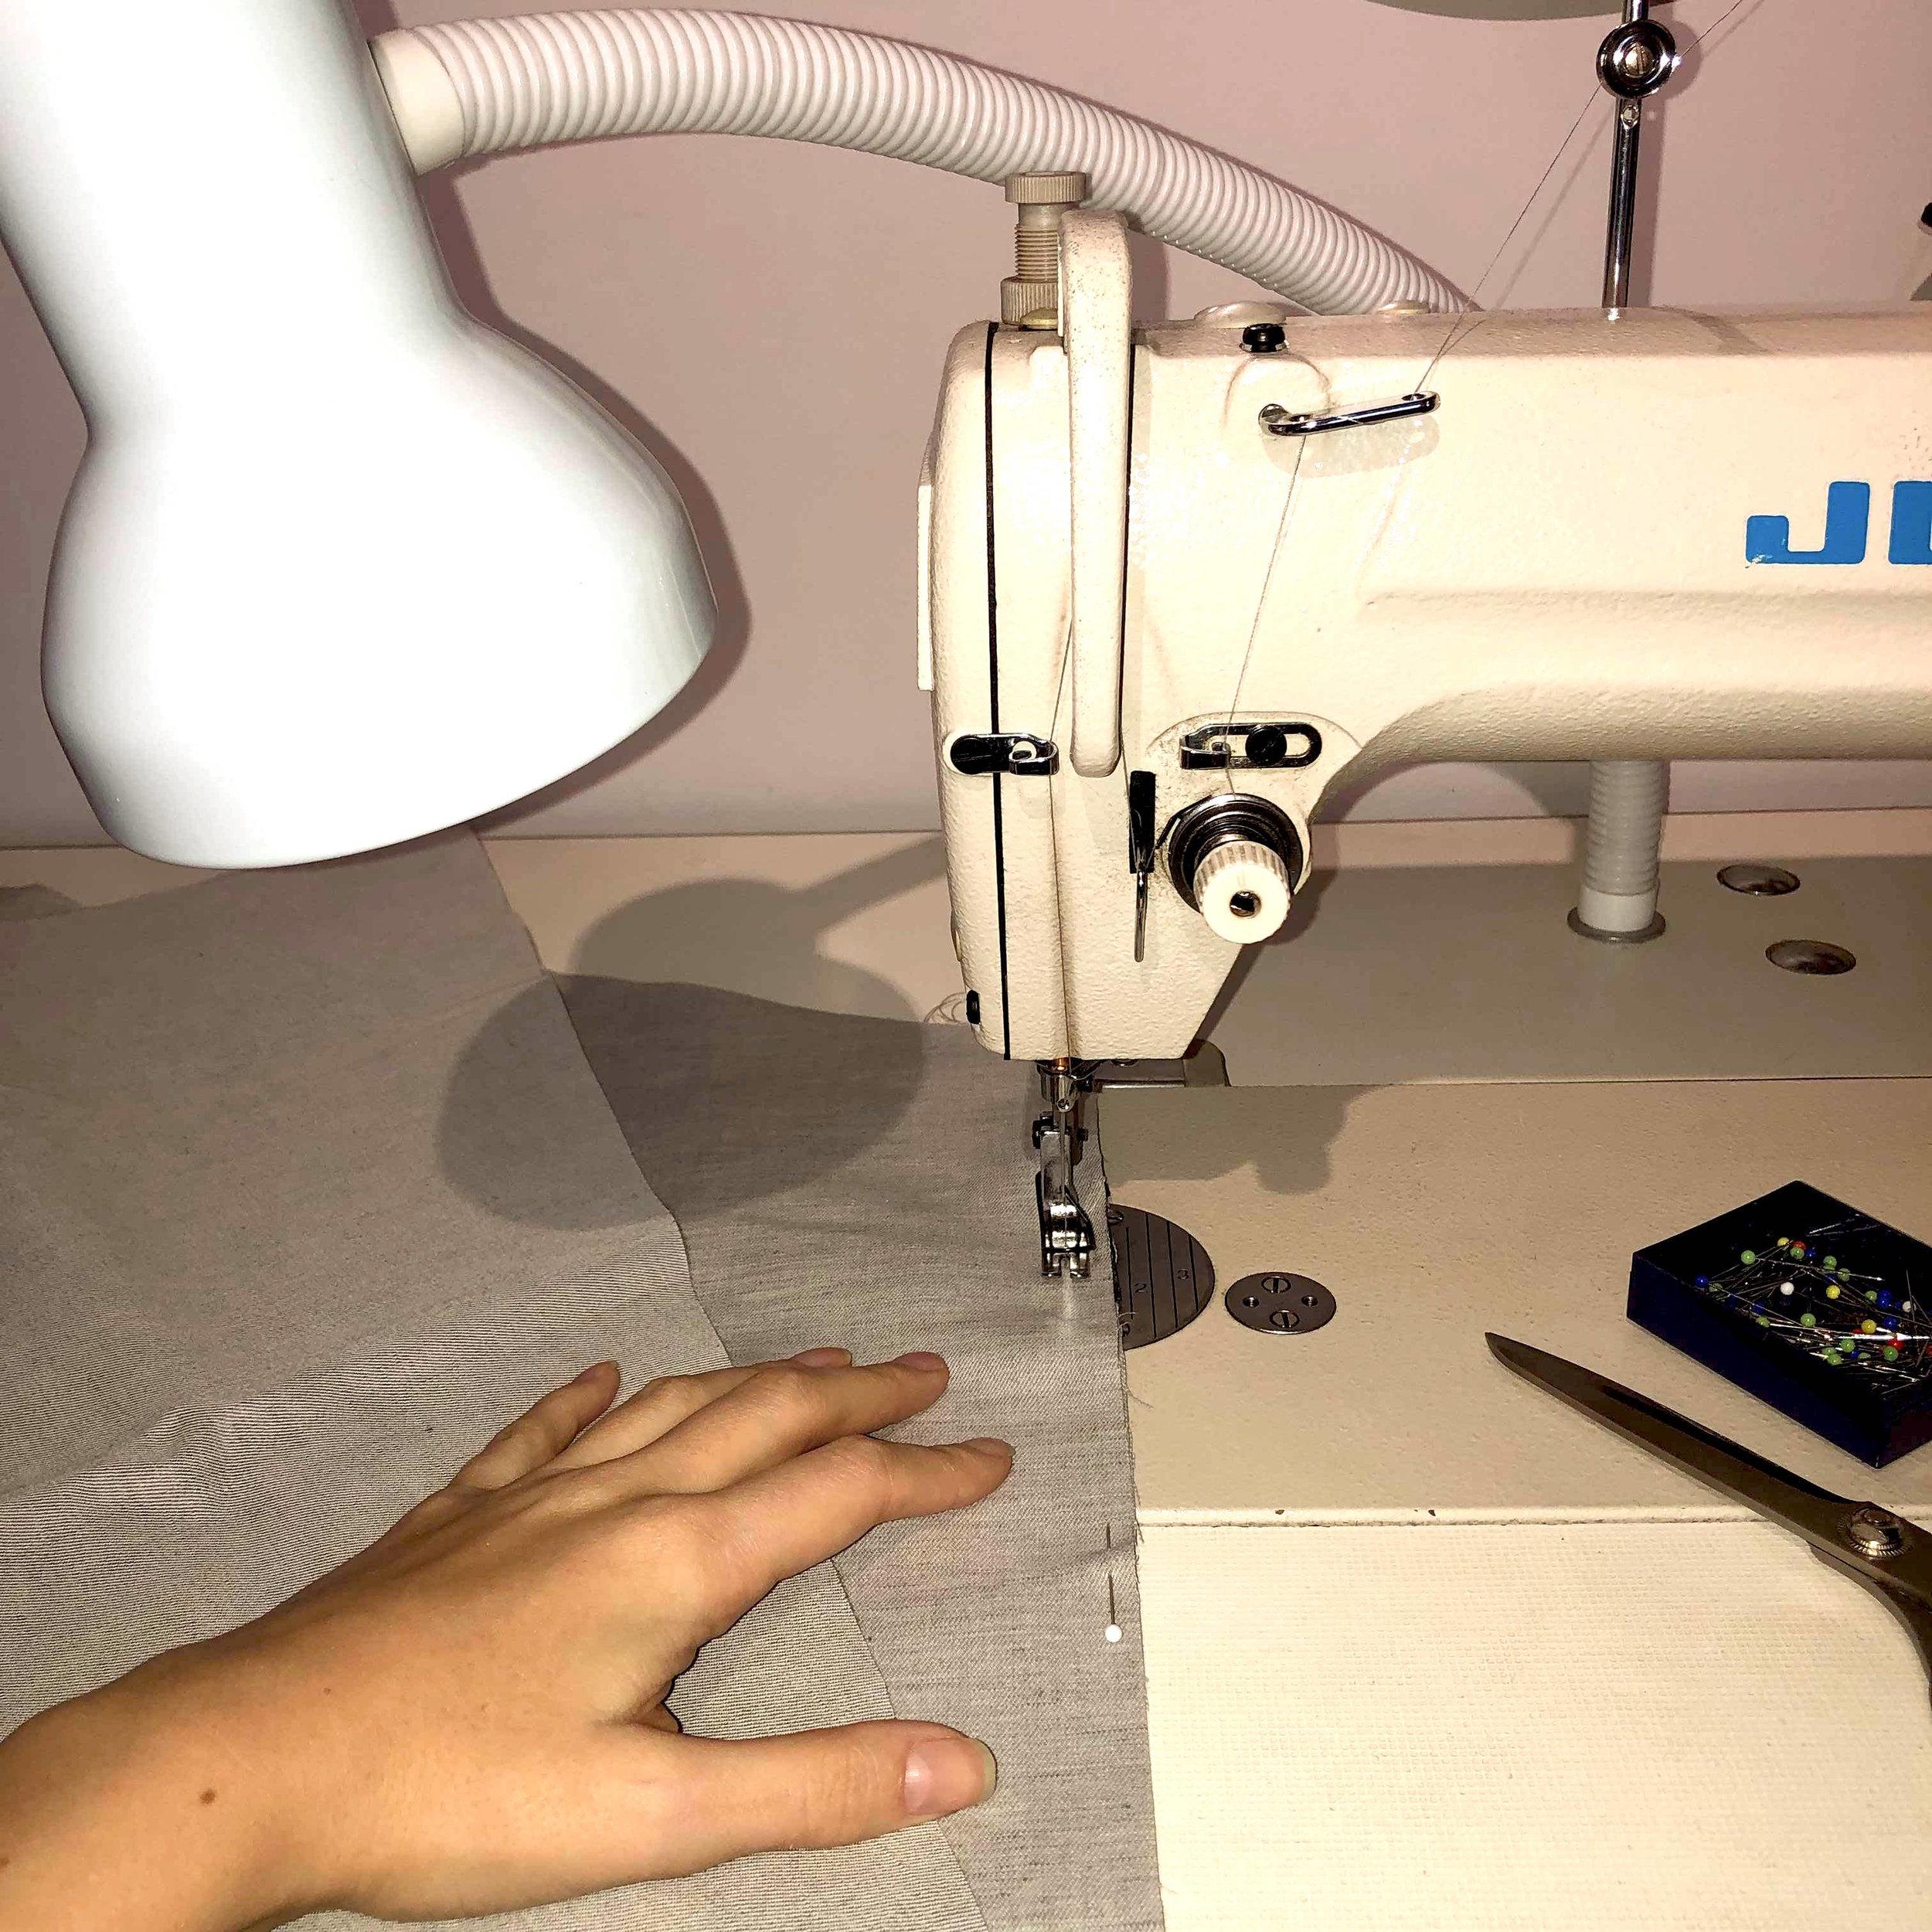 8_Industrial_Sewing_Machine.jpg